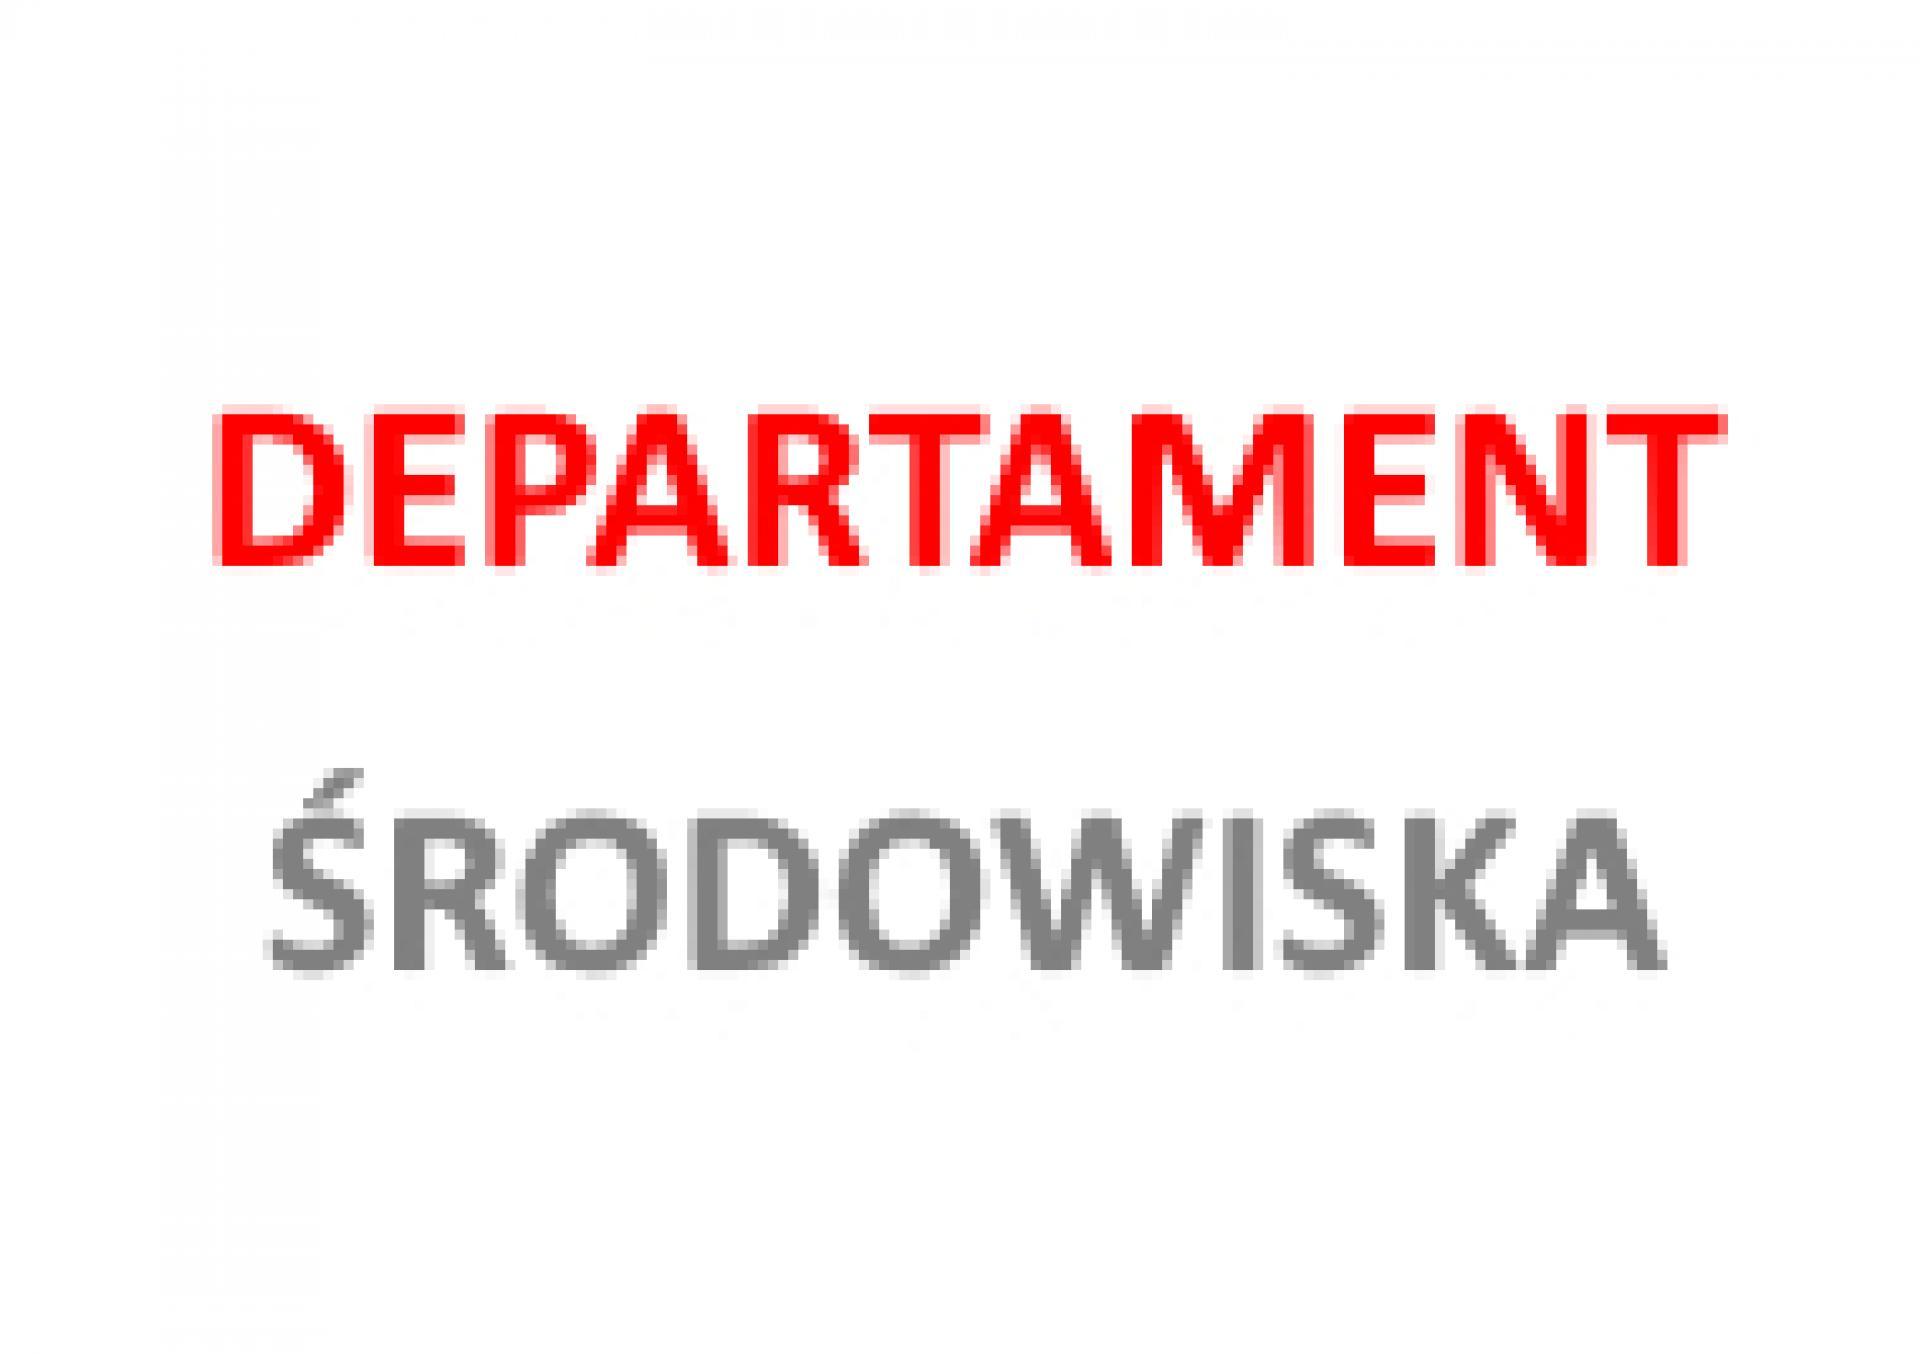 """Ogłoszenie naboru wniosków na dofinansowanie zadań do realizacji w 2021 r. w ramach Programu pn. Błękitno-zielone inicjatywy dla Wielkopolski"""" - zobacz więcej"""